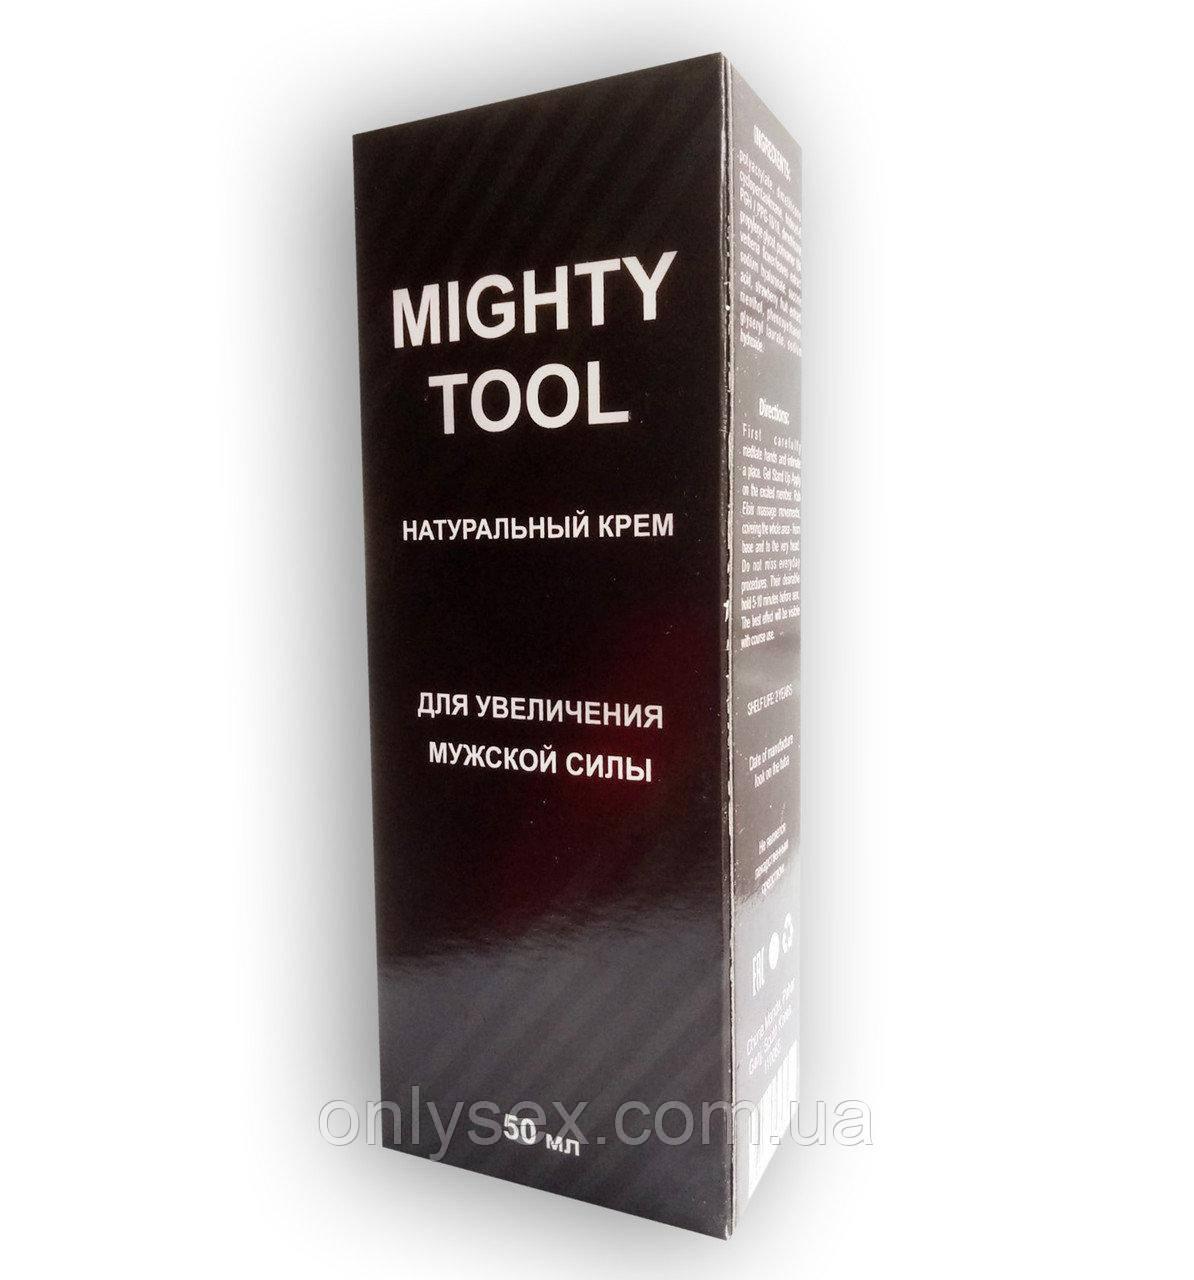 Mighty Tool - Крем для увеличения мужской силы (Майти тул)